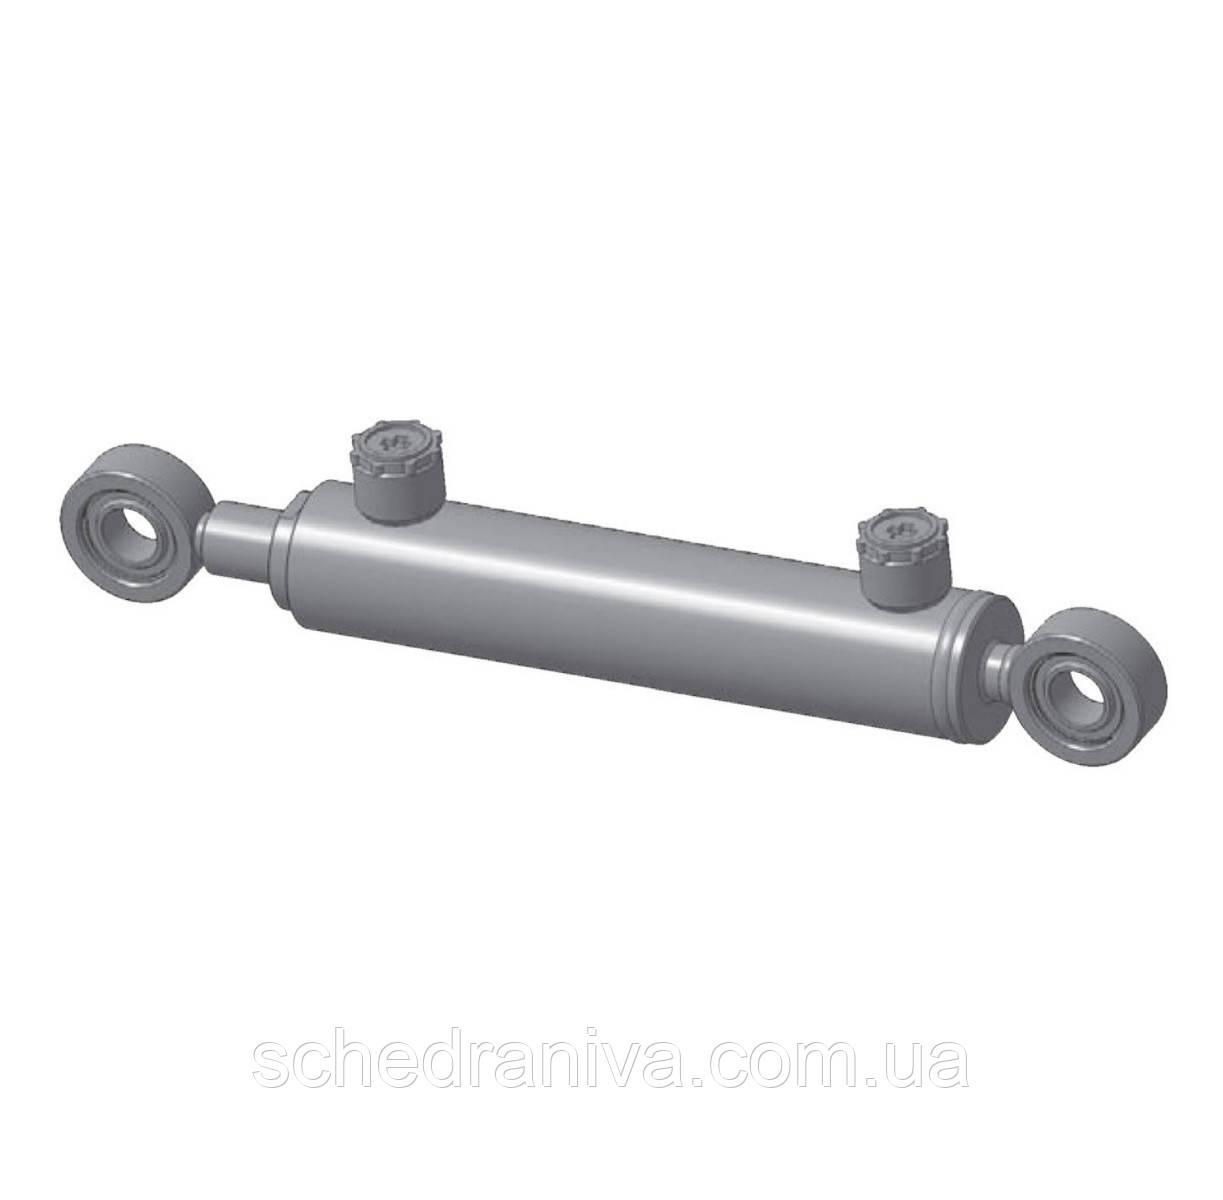 Гидроцилиндр МС 40/25х100-3.11 (290) п-во Гидросила